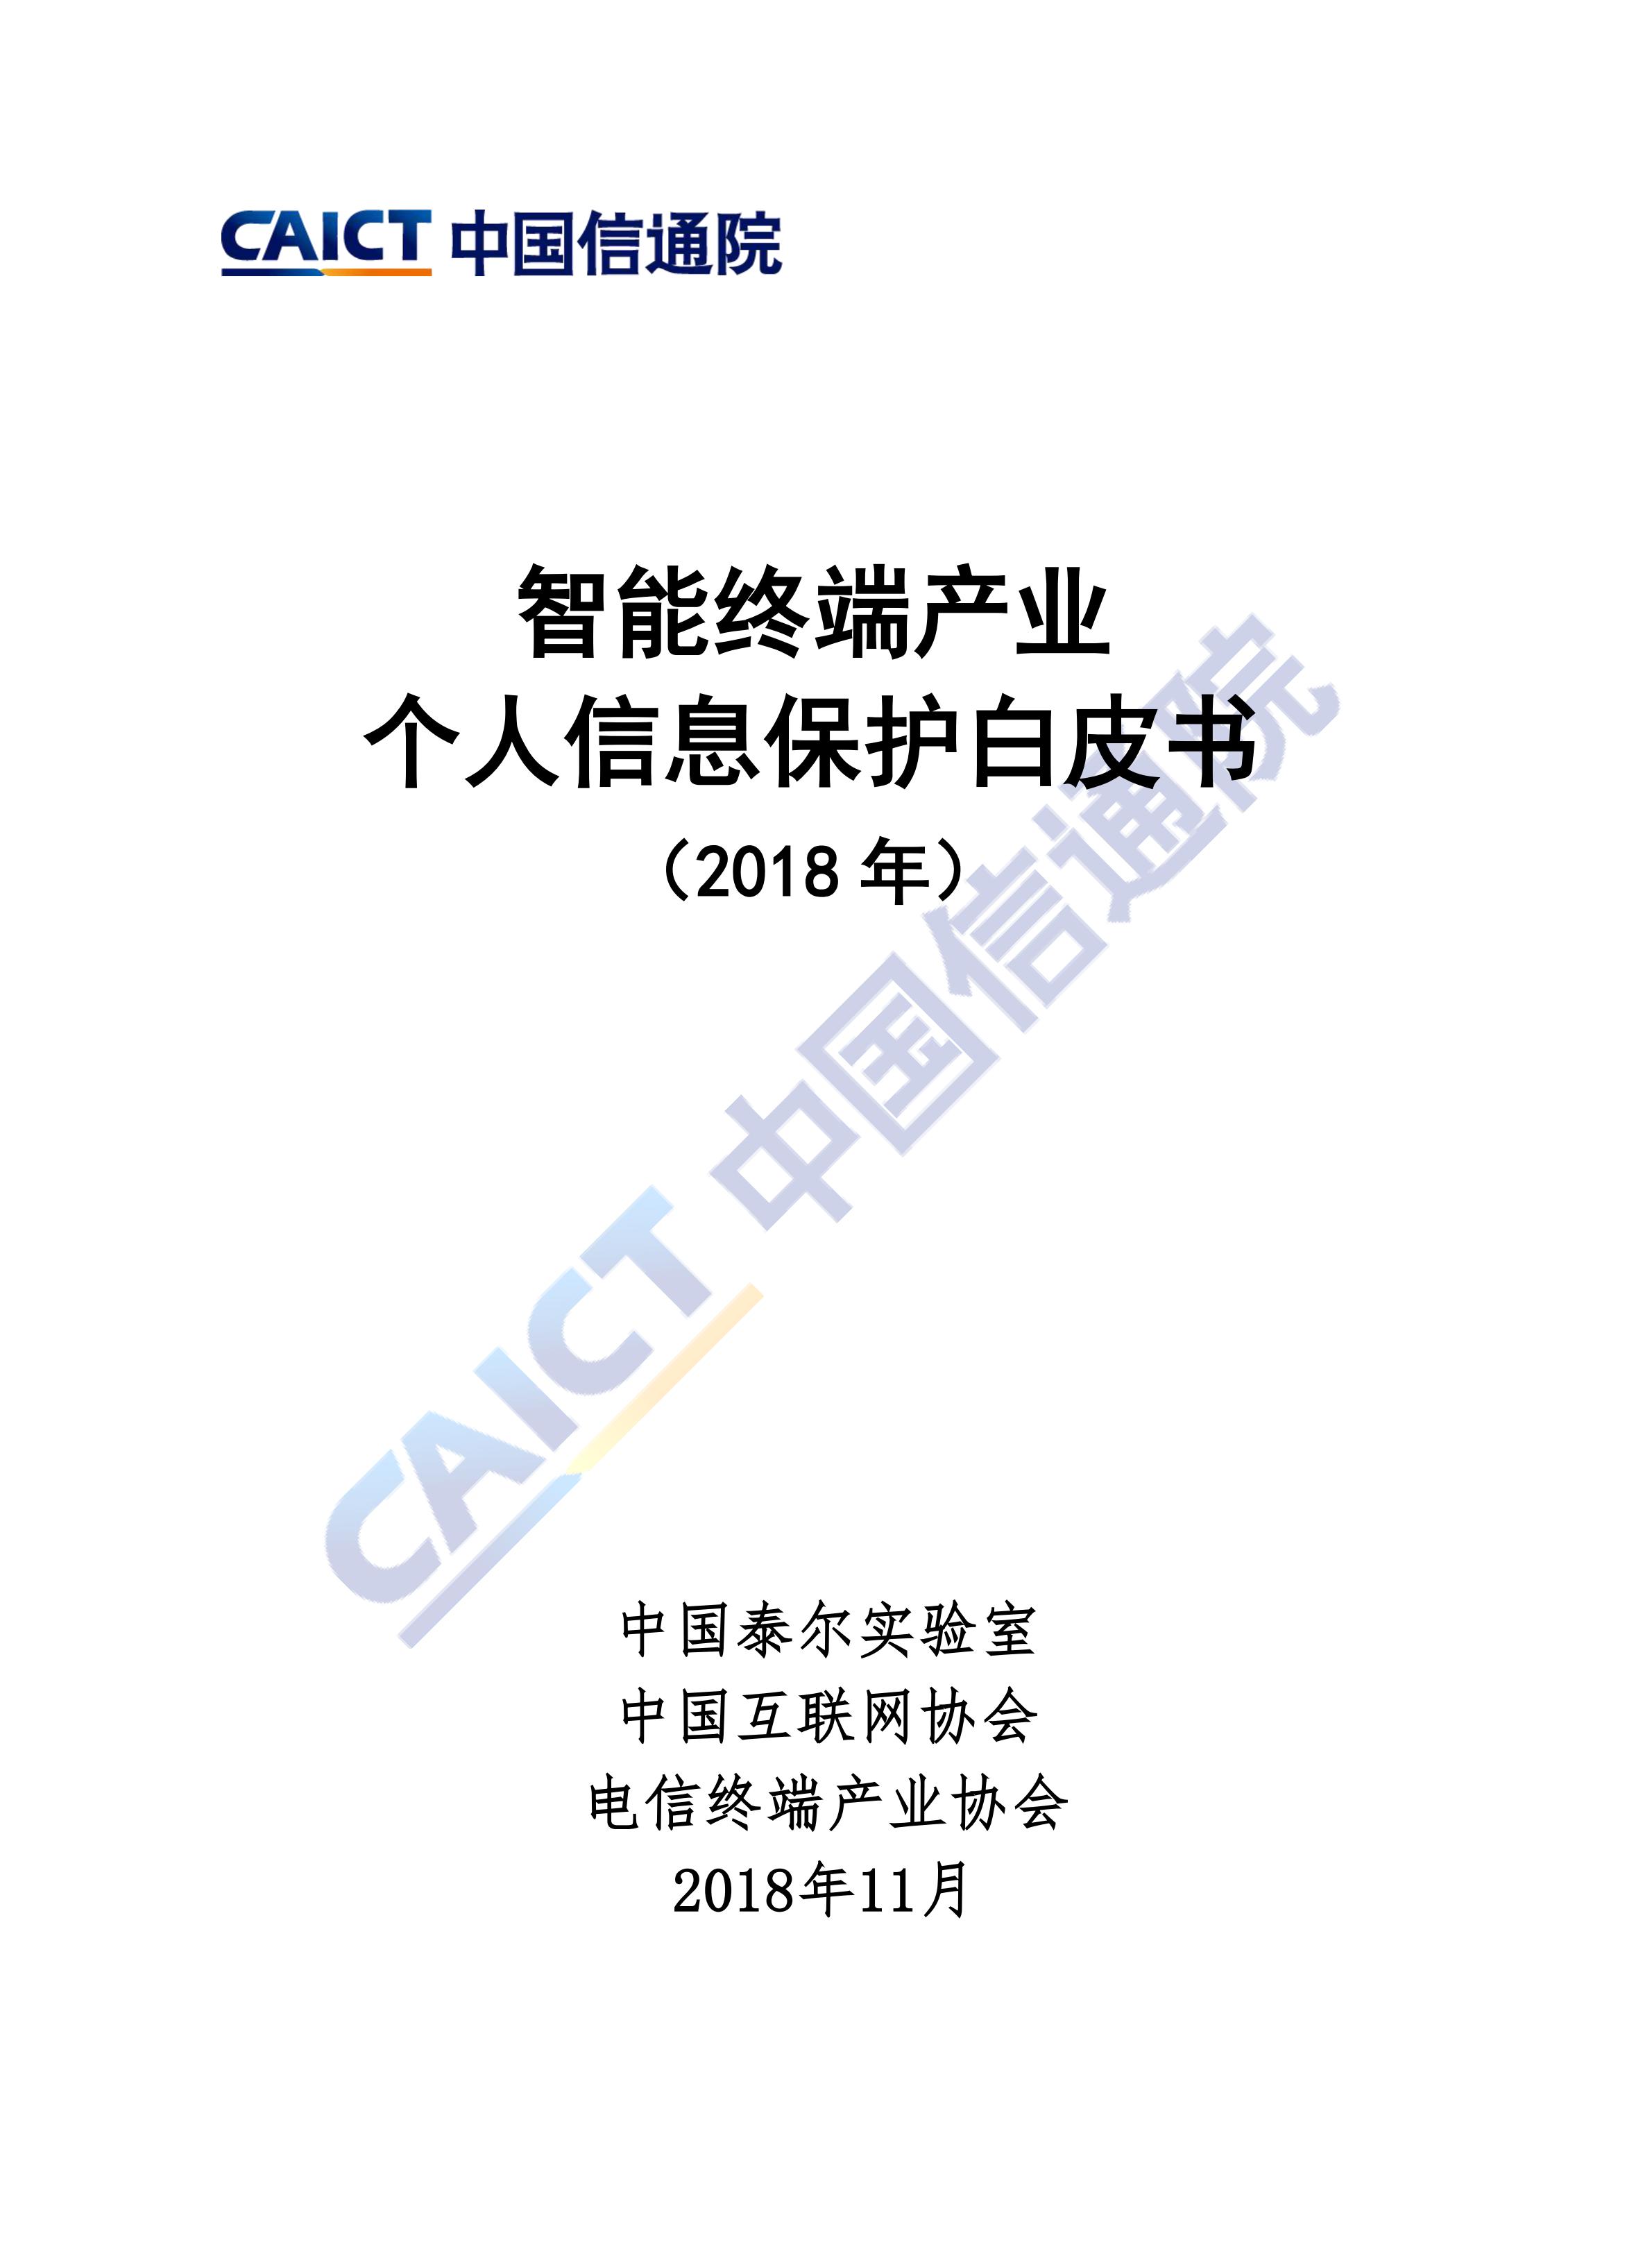 智能终端受关注,中国信通院发布相关白皮书